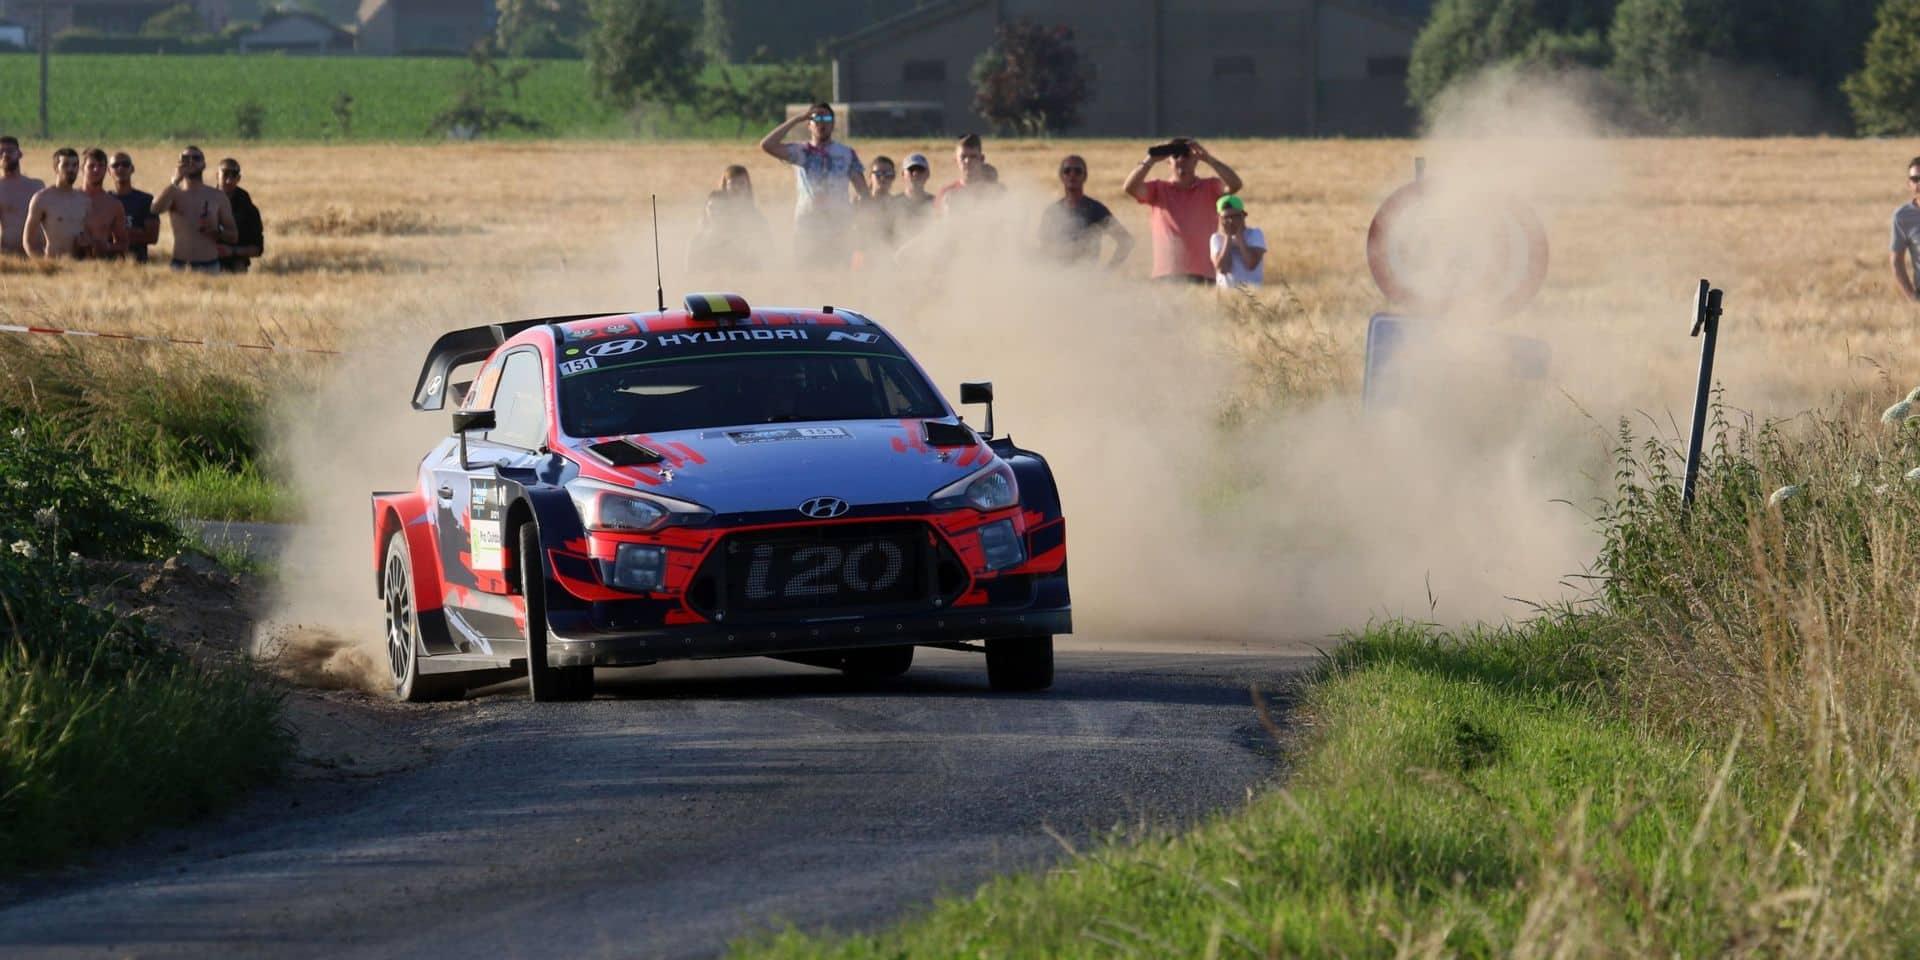 Le Covid-19 a également eu raison du Rallye d'Ypres 2020